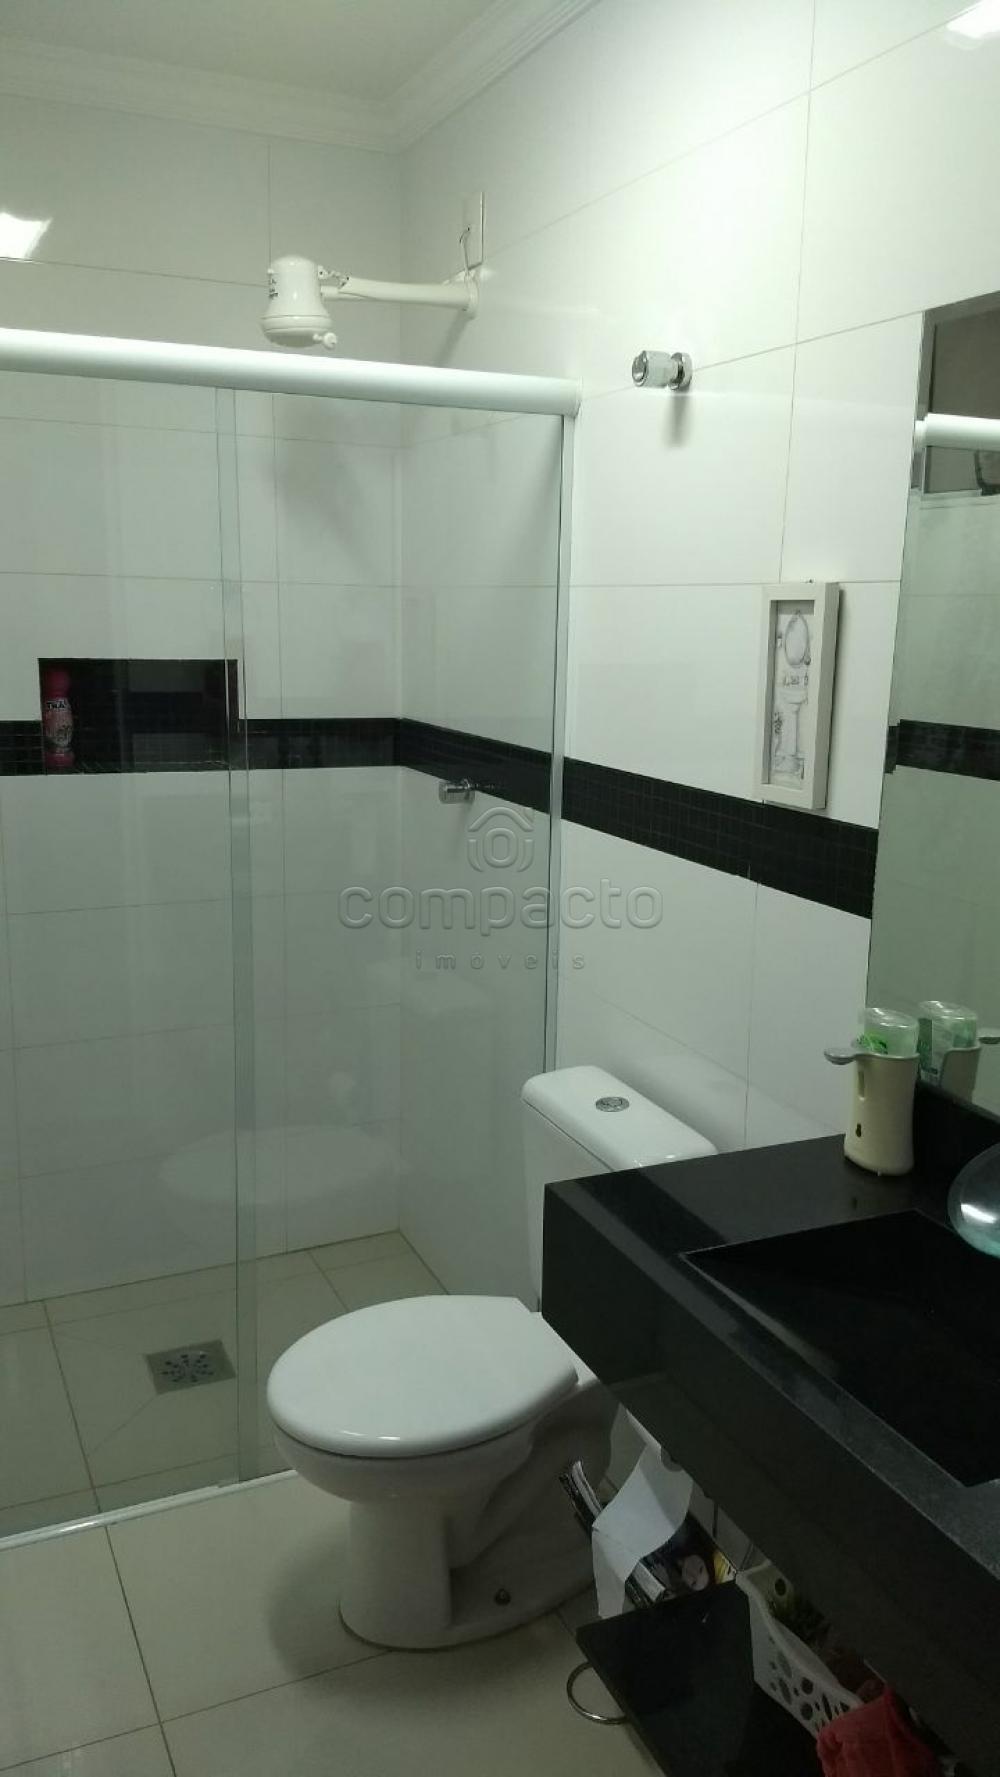 Comprar Casa / Padrão em São José do Rio Preto apenas R$ 580.000,00 - Foto 8